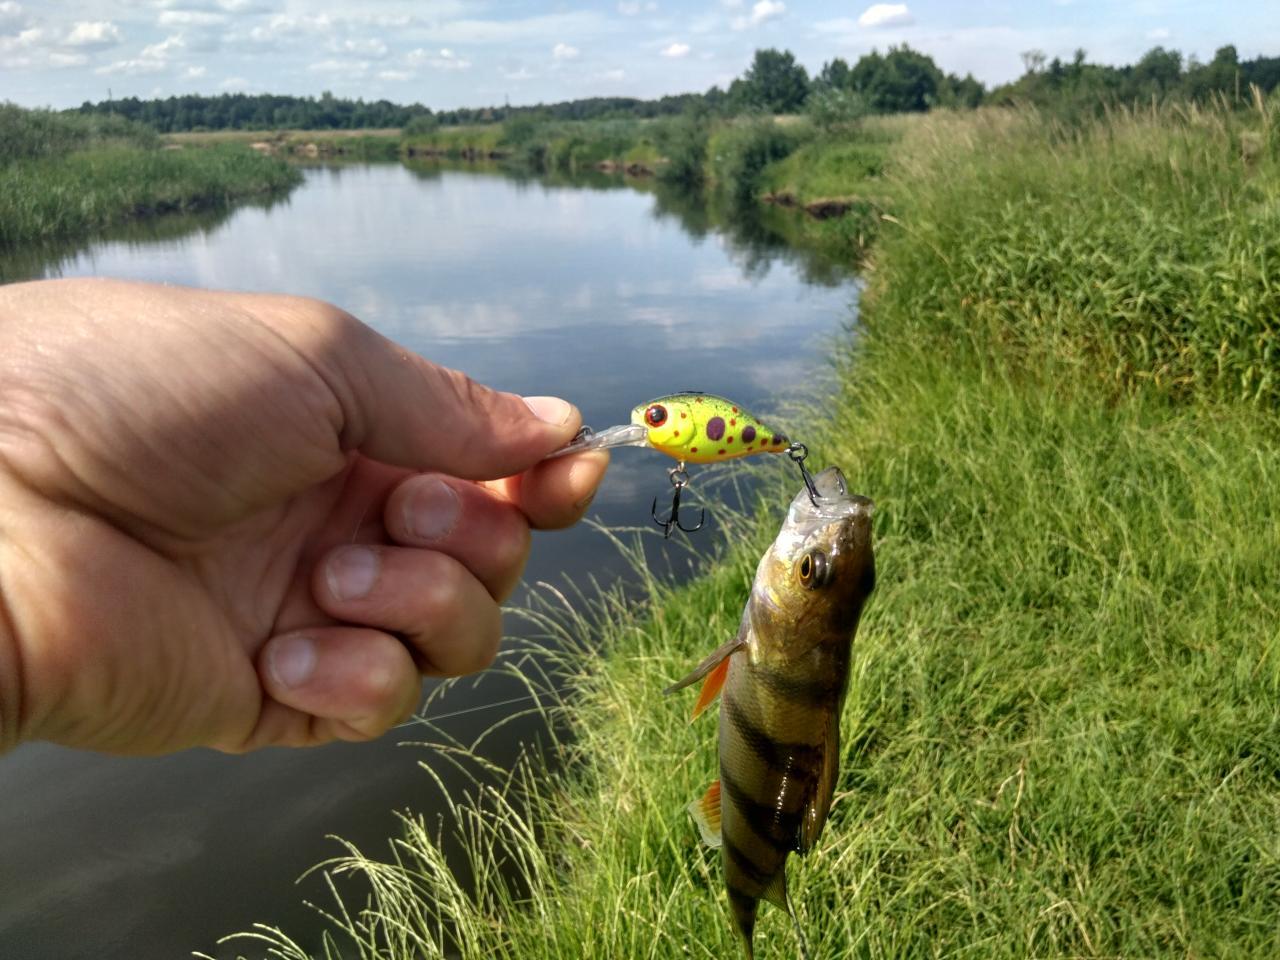 очень хотелось выехать раньше, а получилось позже... пробки ... | Отчеты о рыбалке в Беларуси